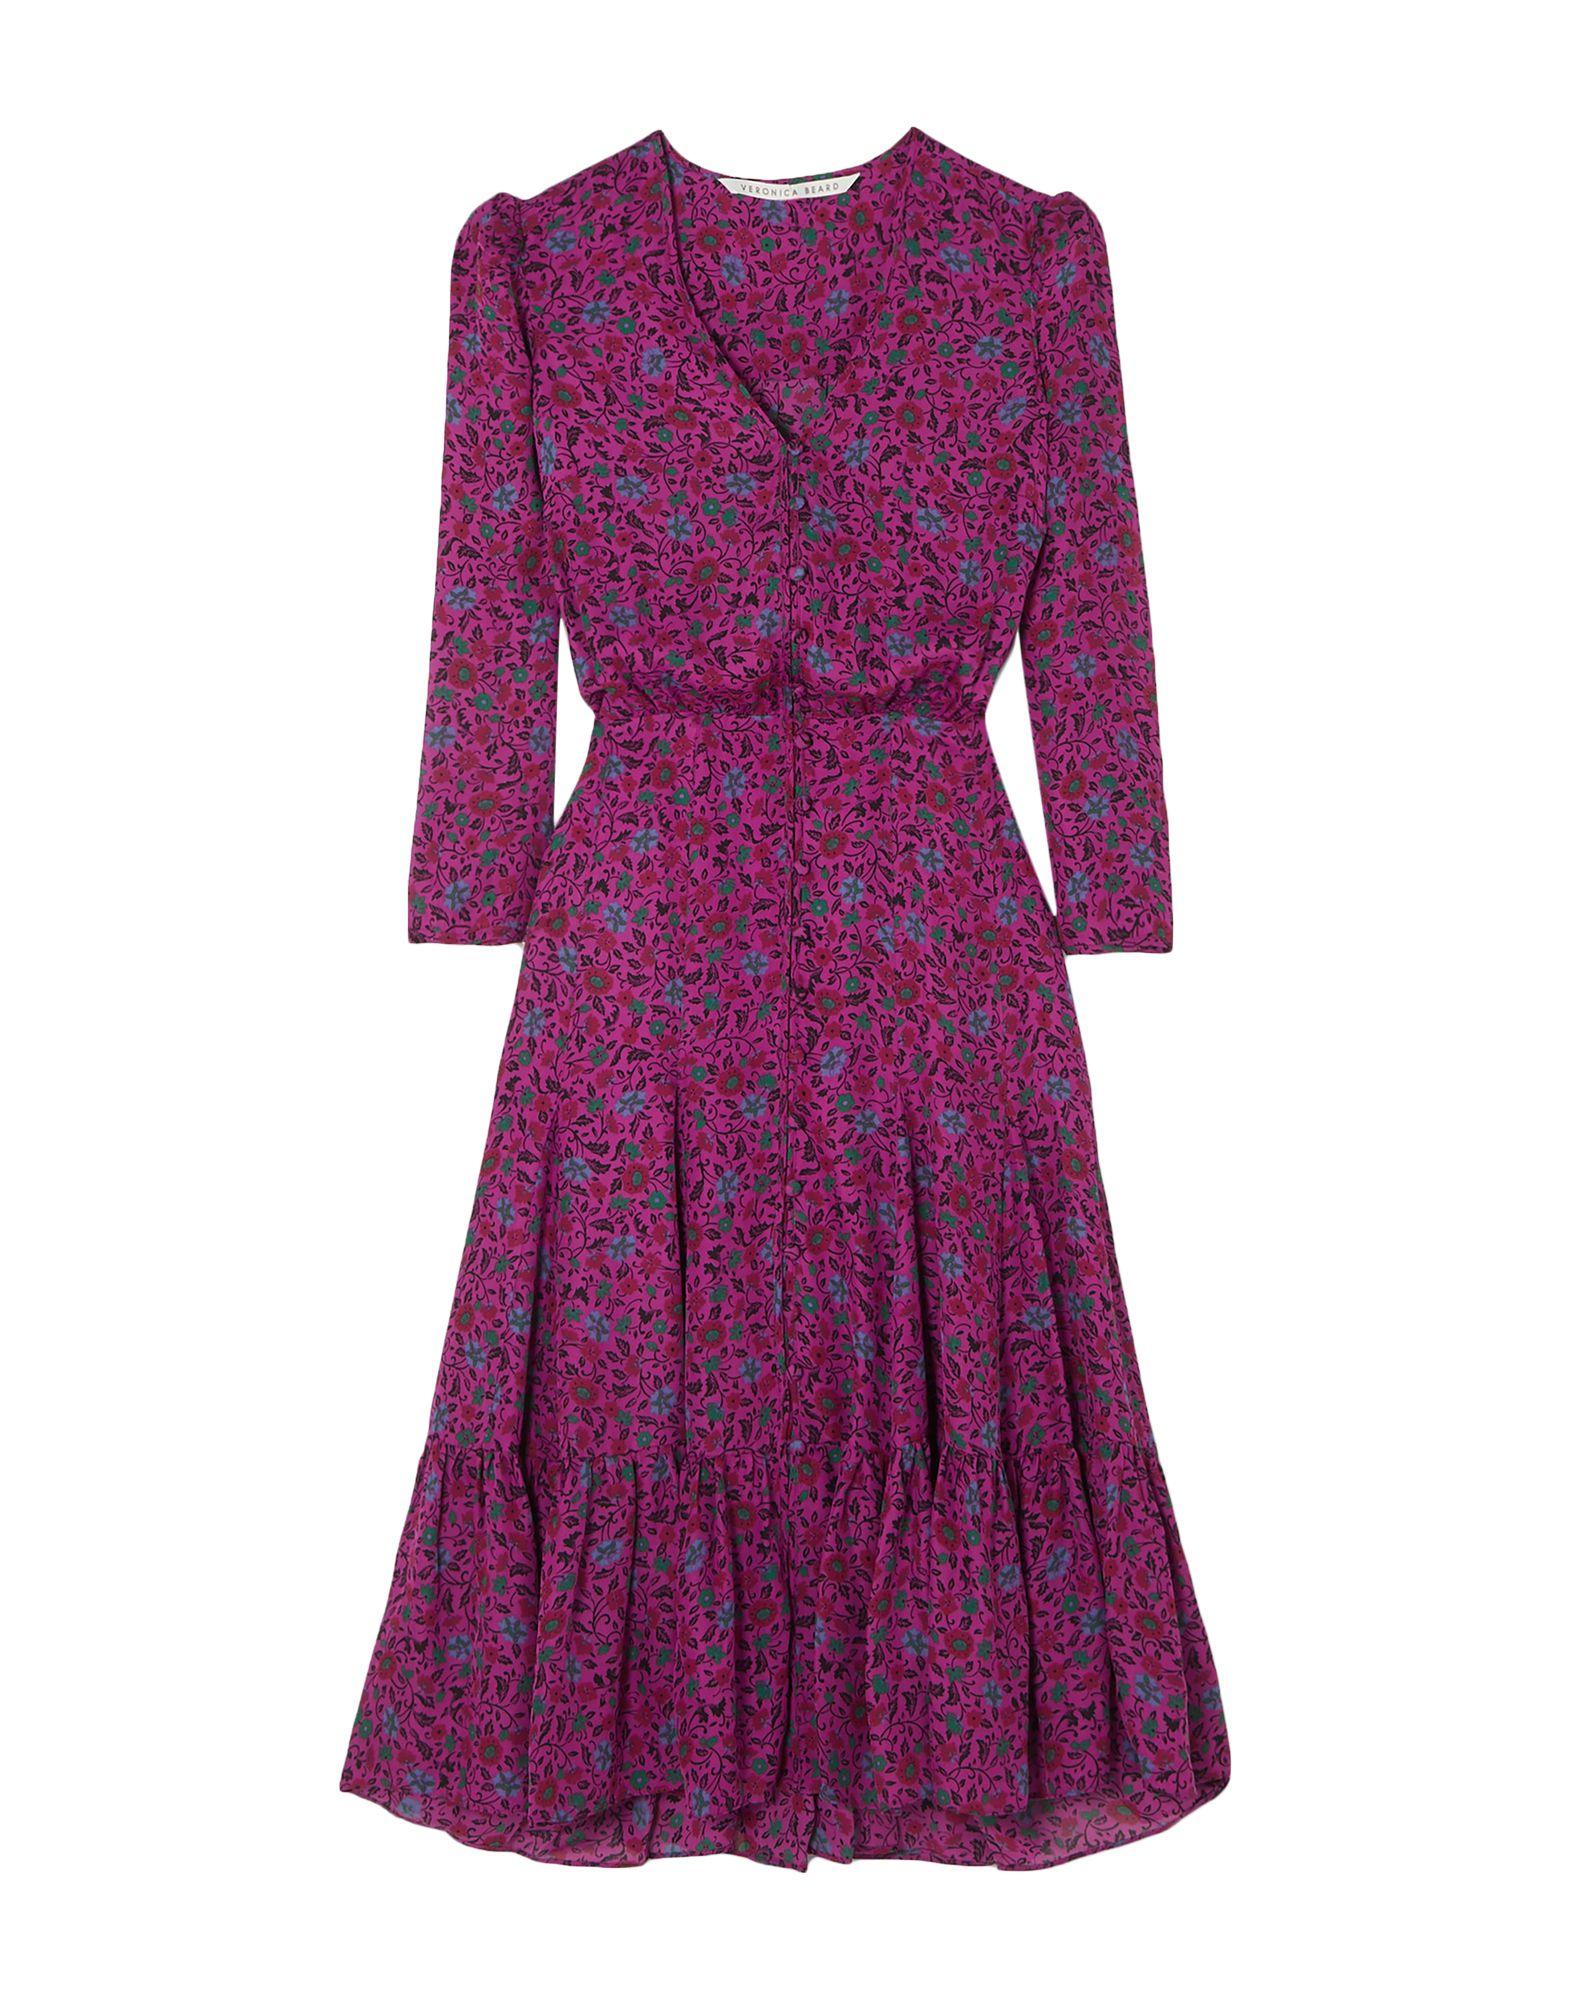 VERONICA BEARD Платье длиной 3/4 vionnet платье длиной 3 4